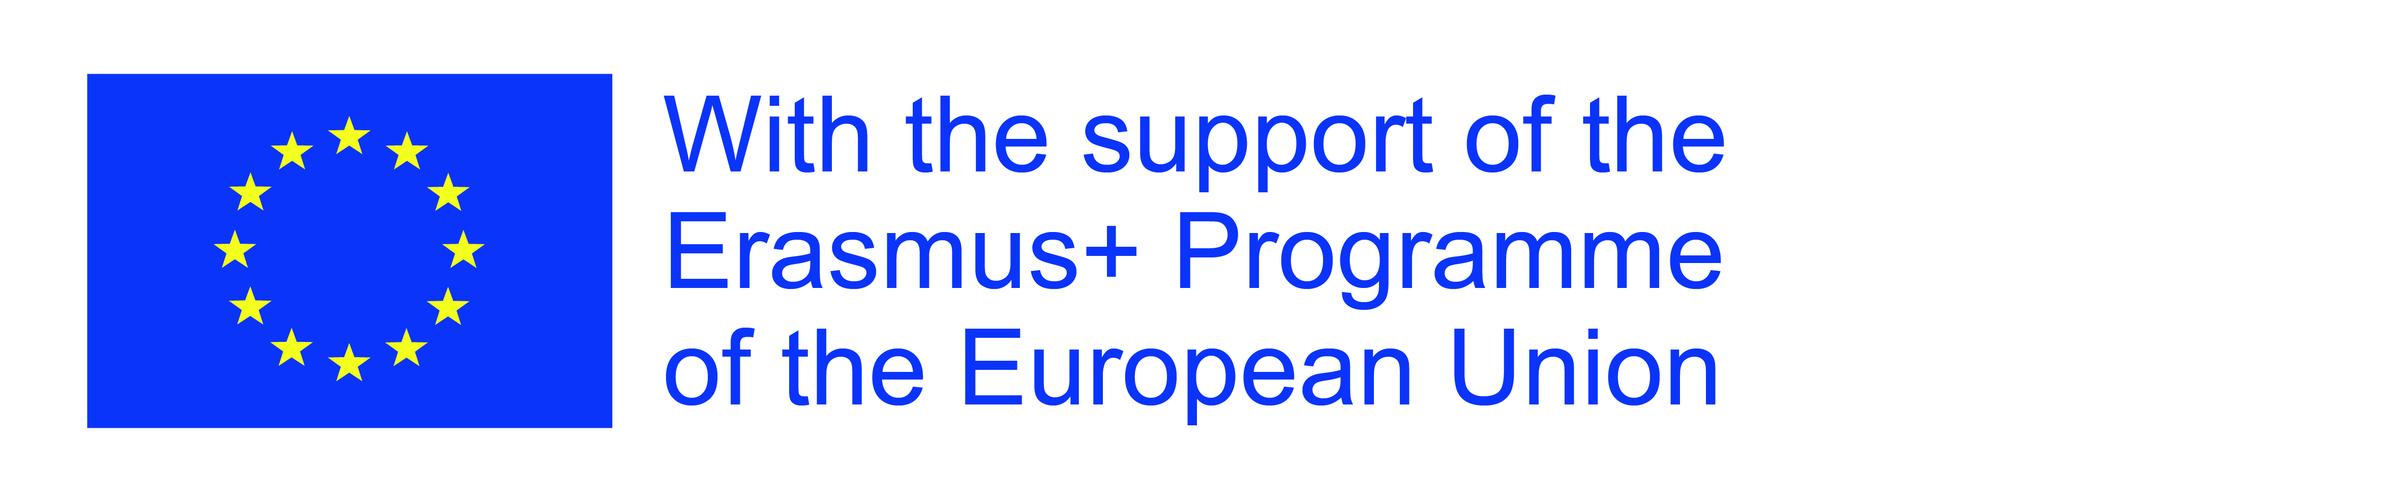 Ermasus logo